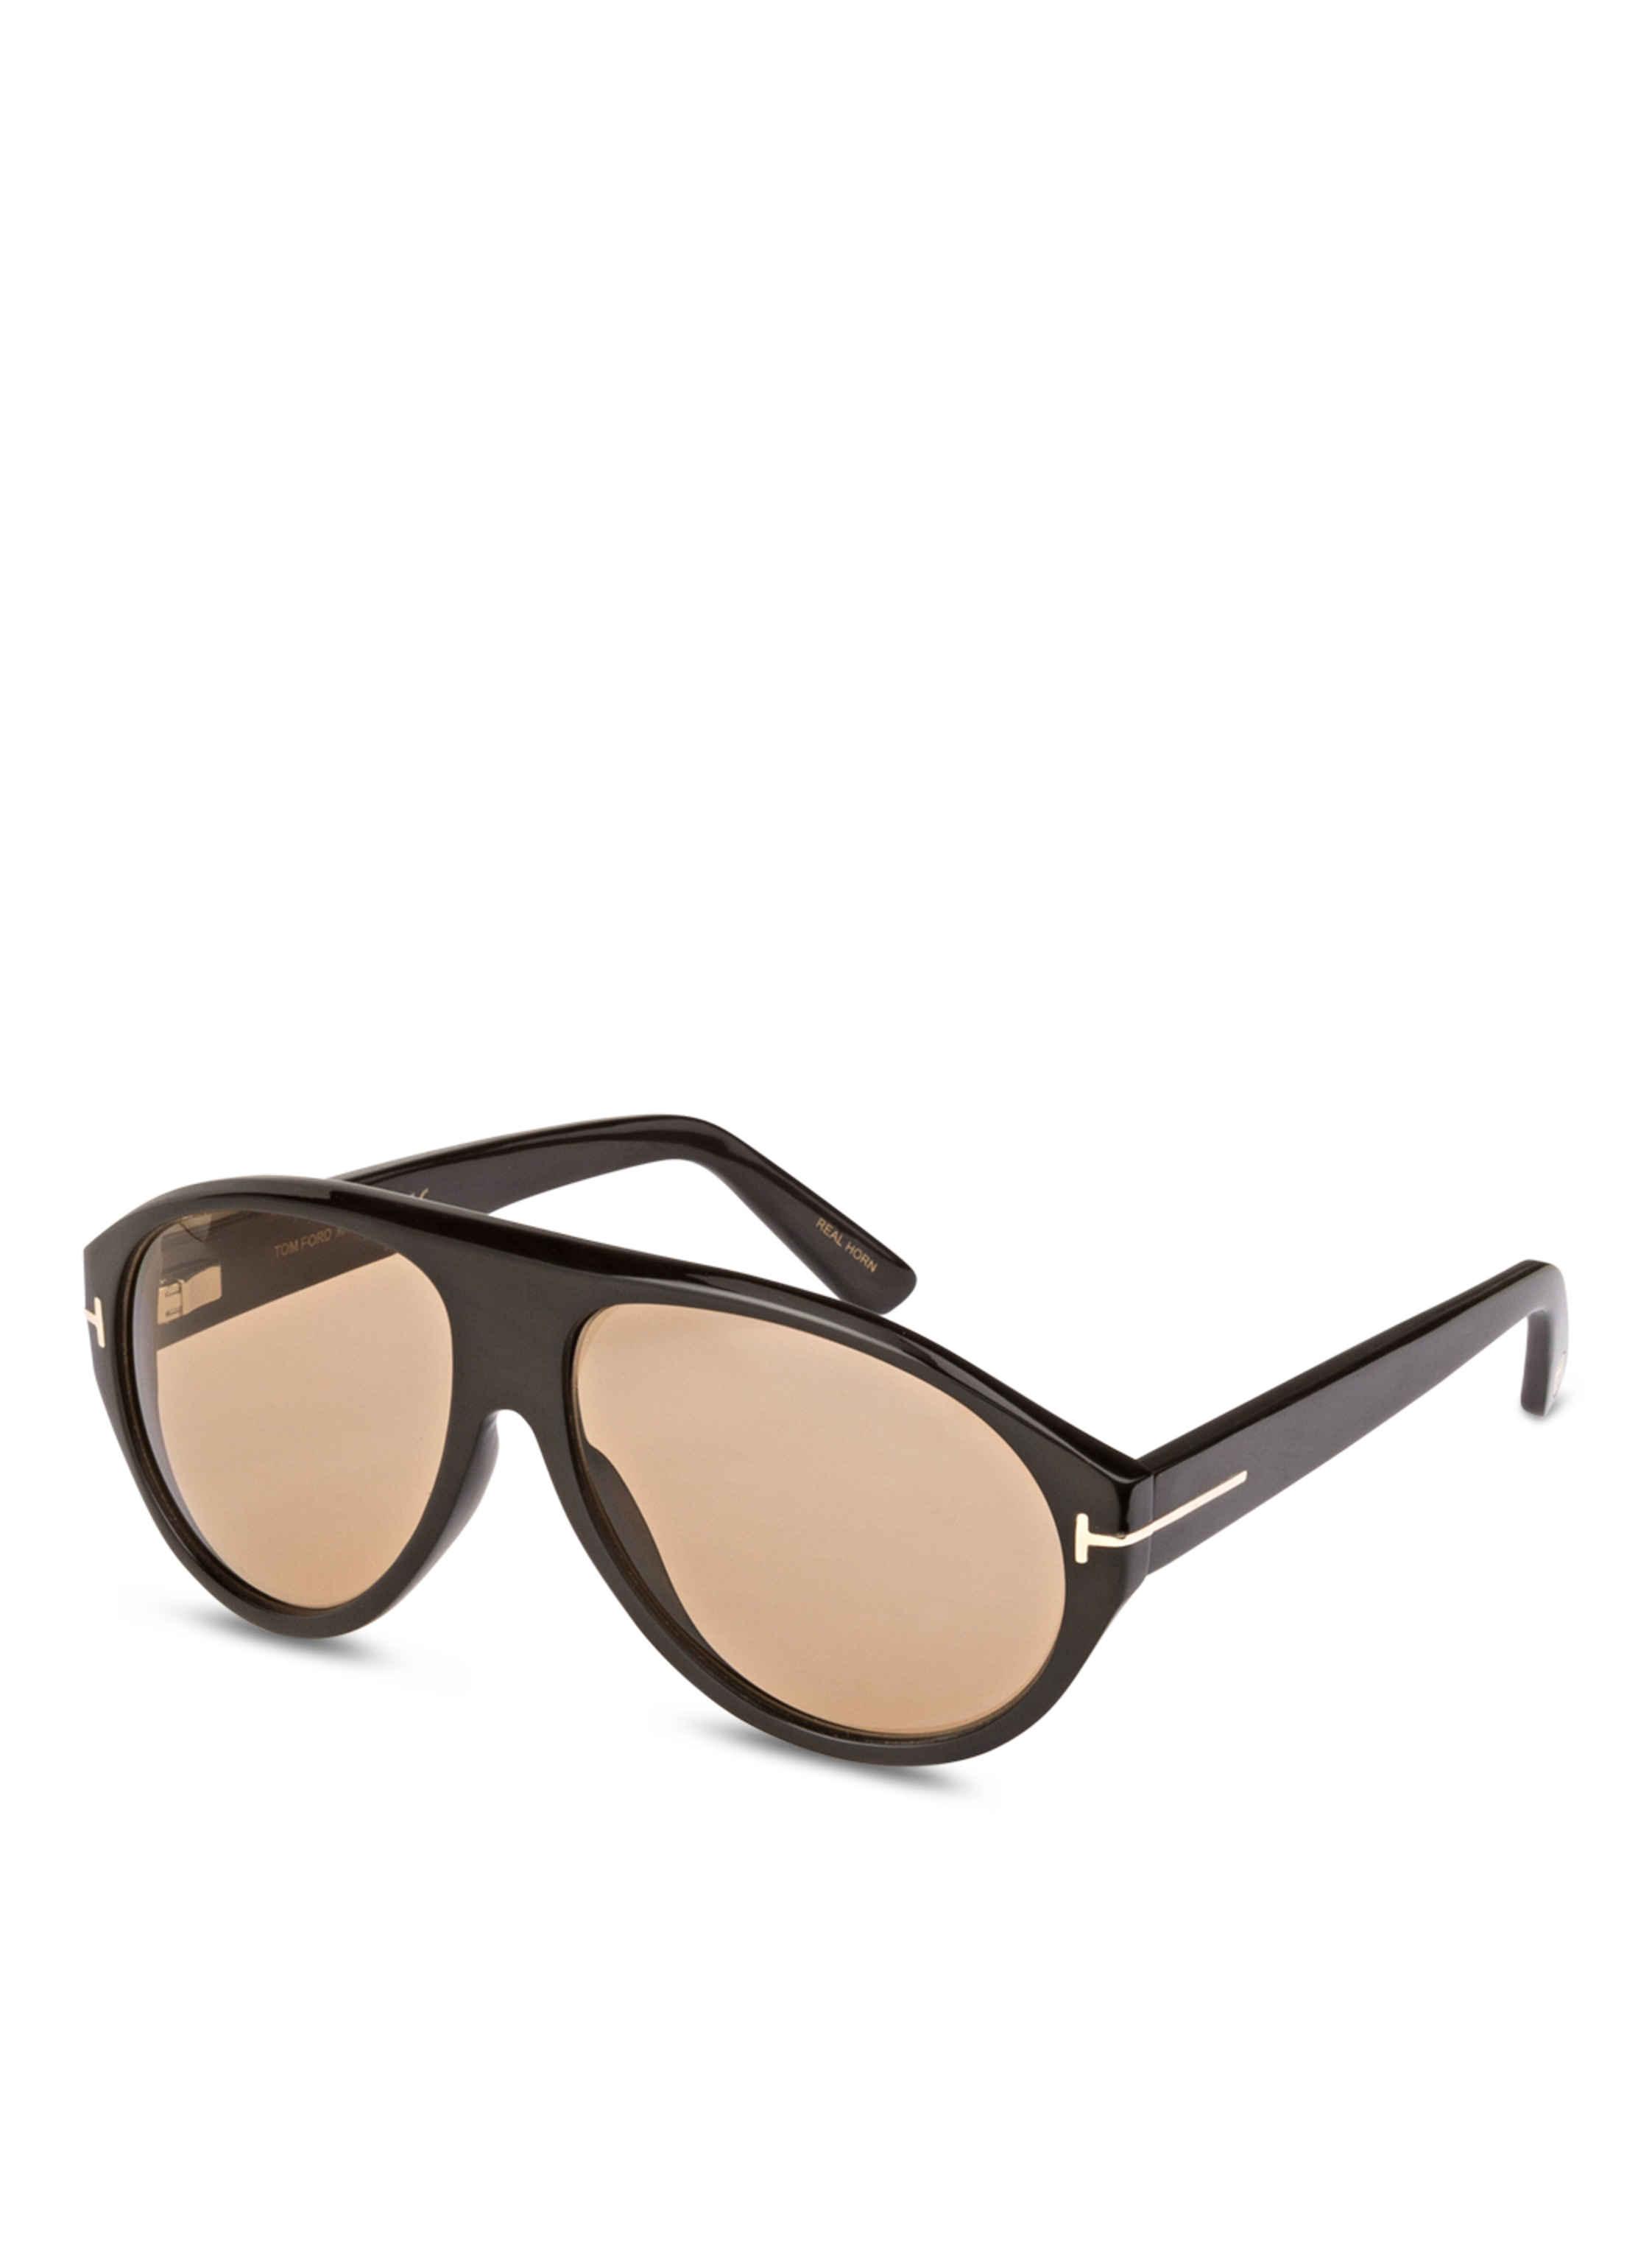 Sonnenbrille FT0490 TOM N.8 von TOM FORD bei Breuninger kaufen